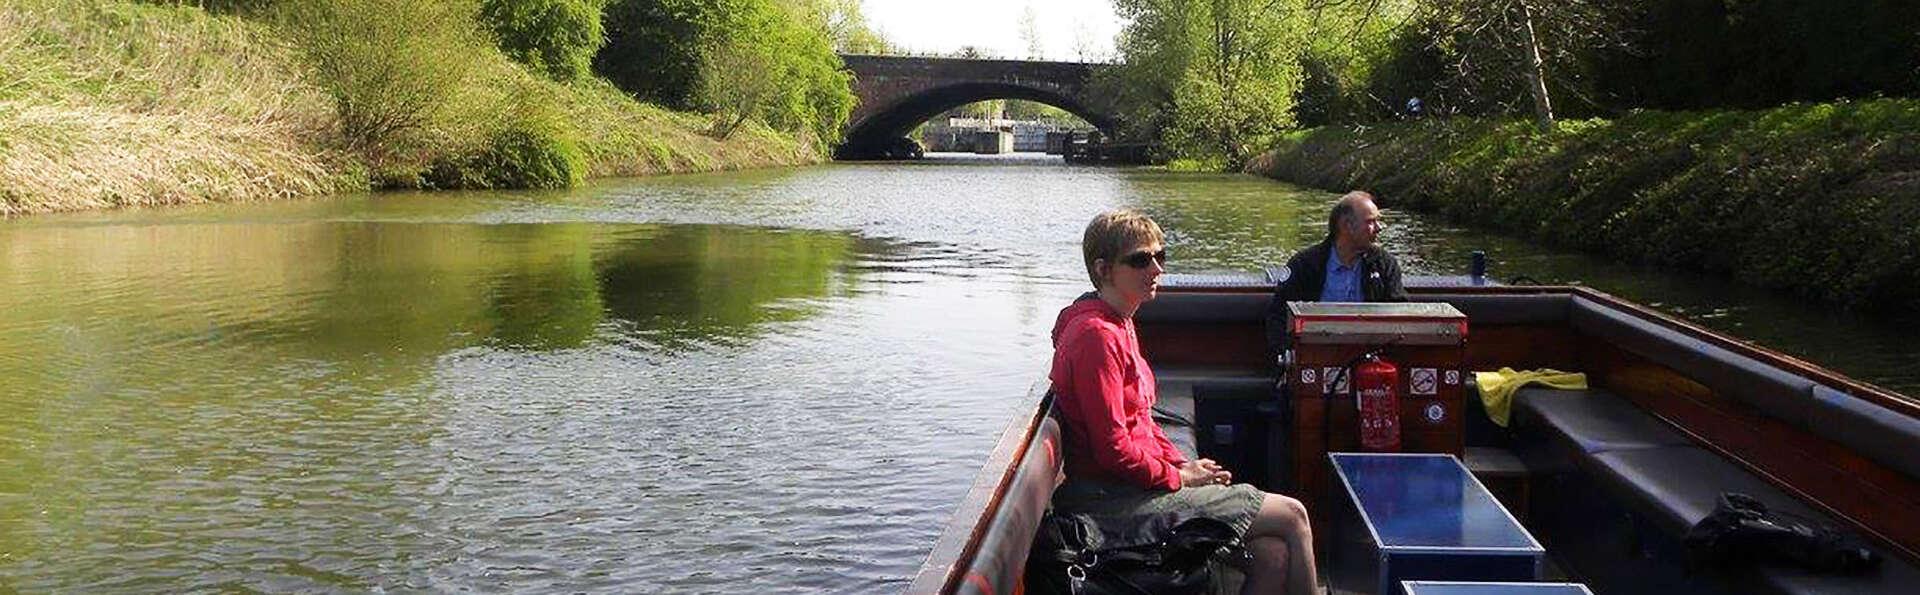 Ontdek Mechelen vanop het water met een boottocht op de Dijle